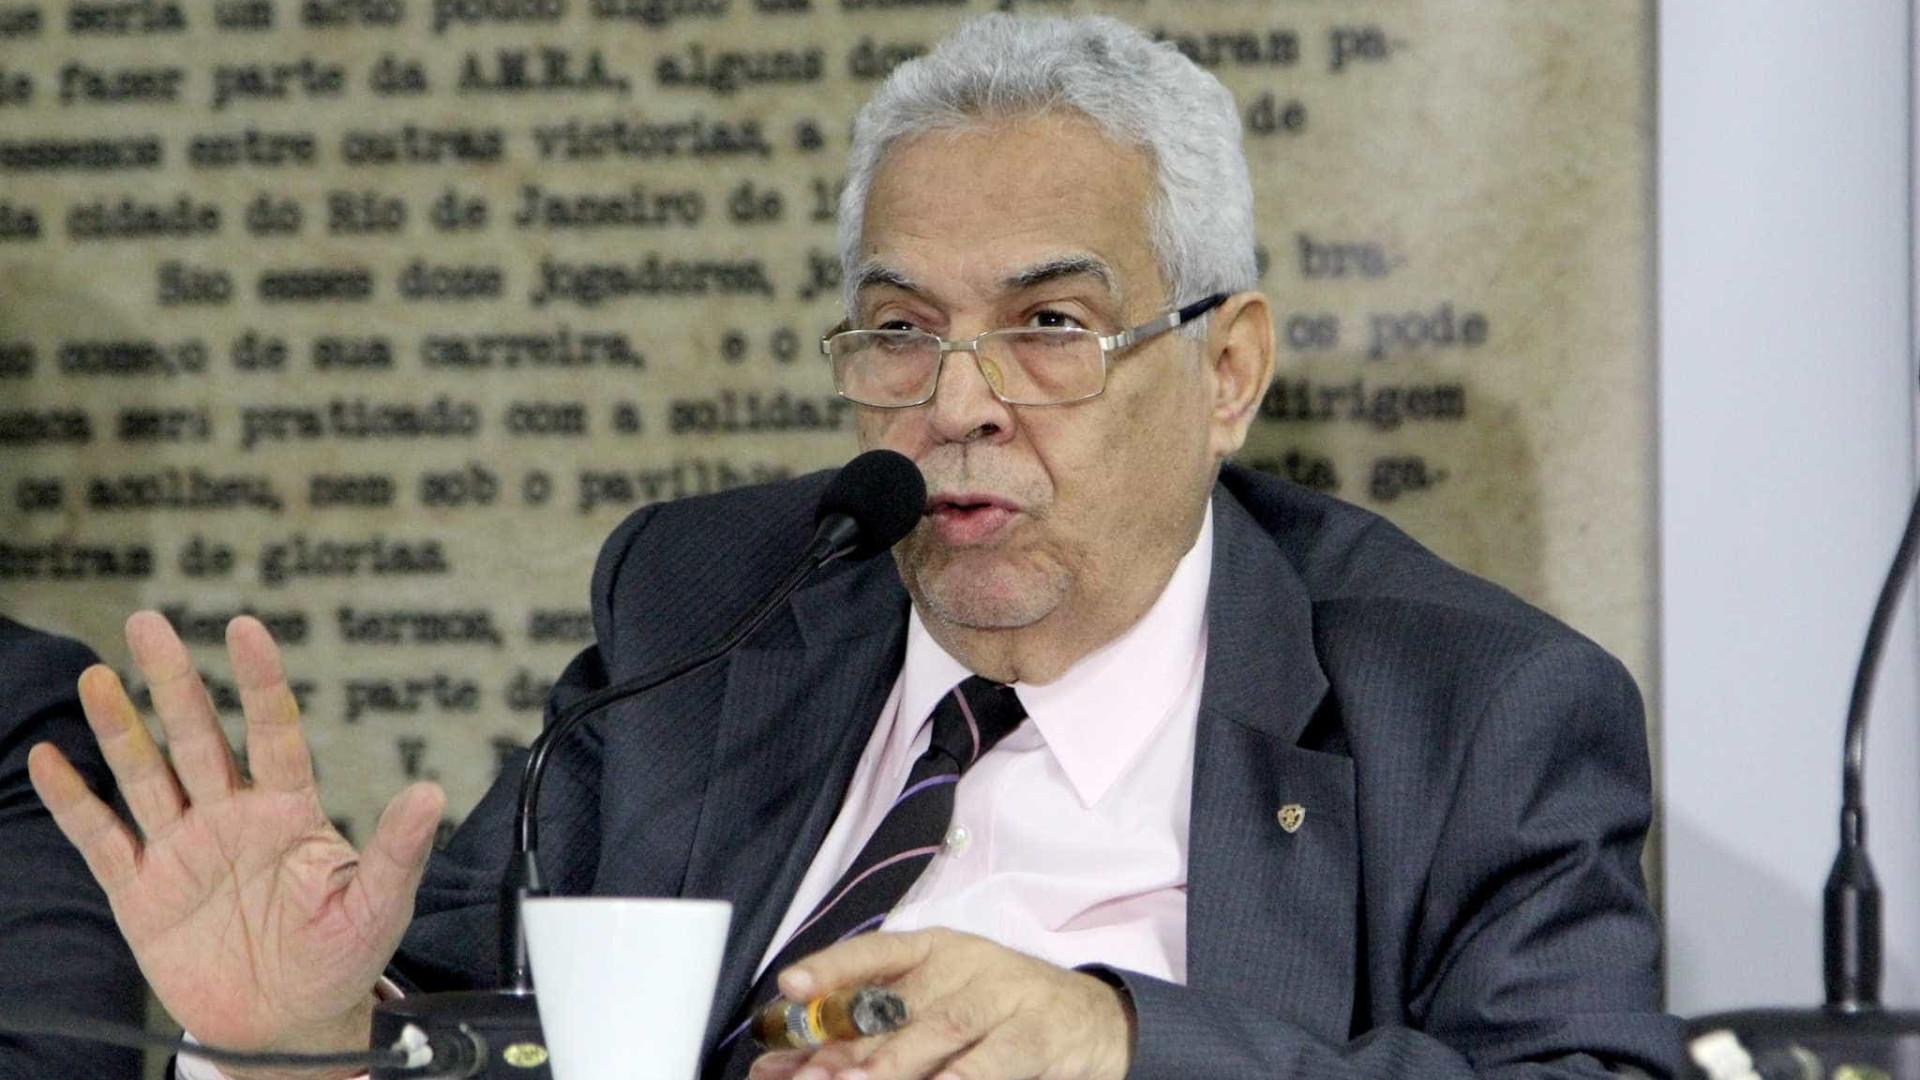 Vasco pede que PM proíba materiais de torcidas organizadas do clube